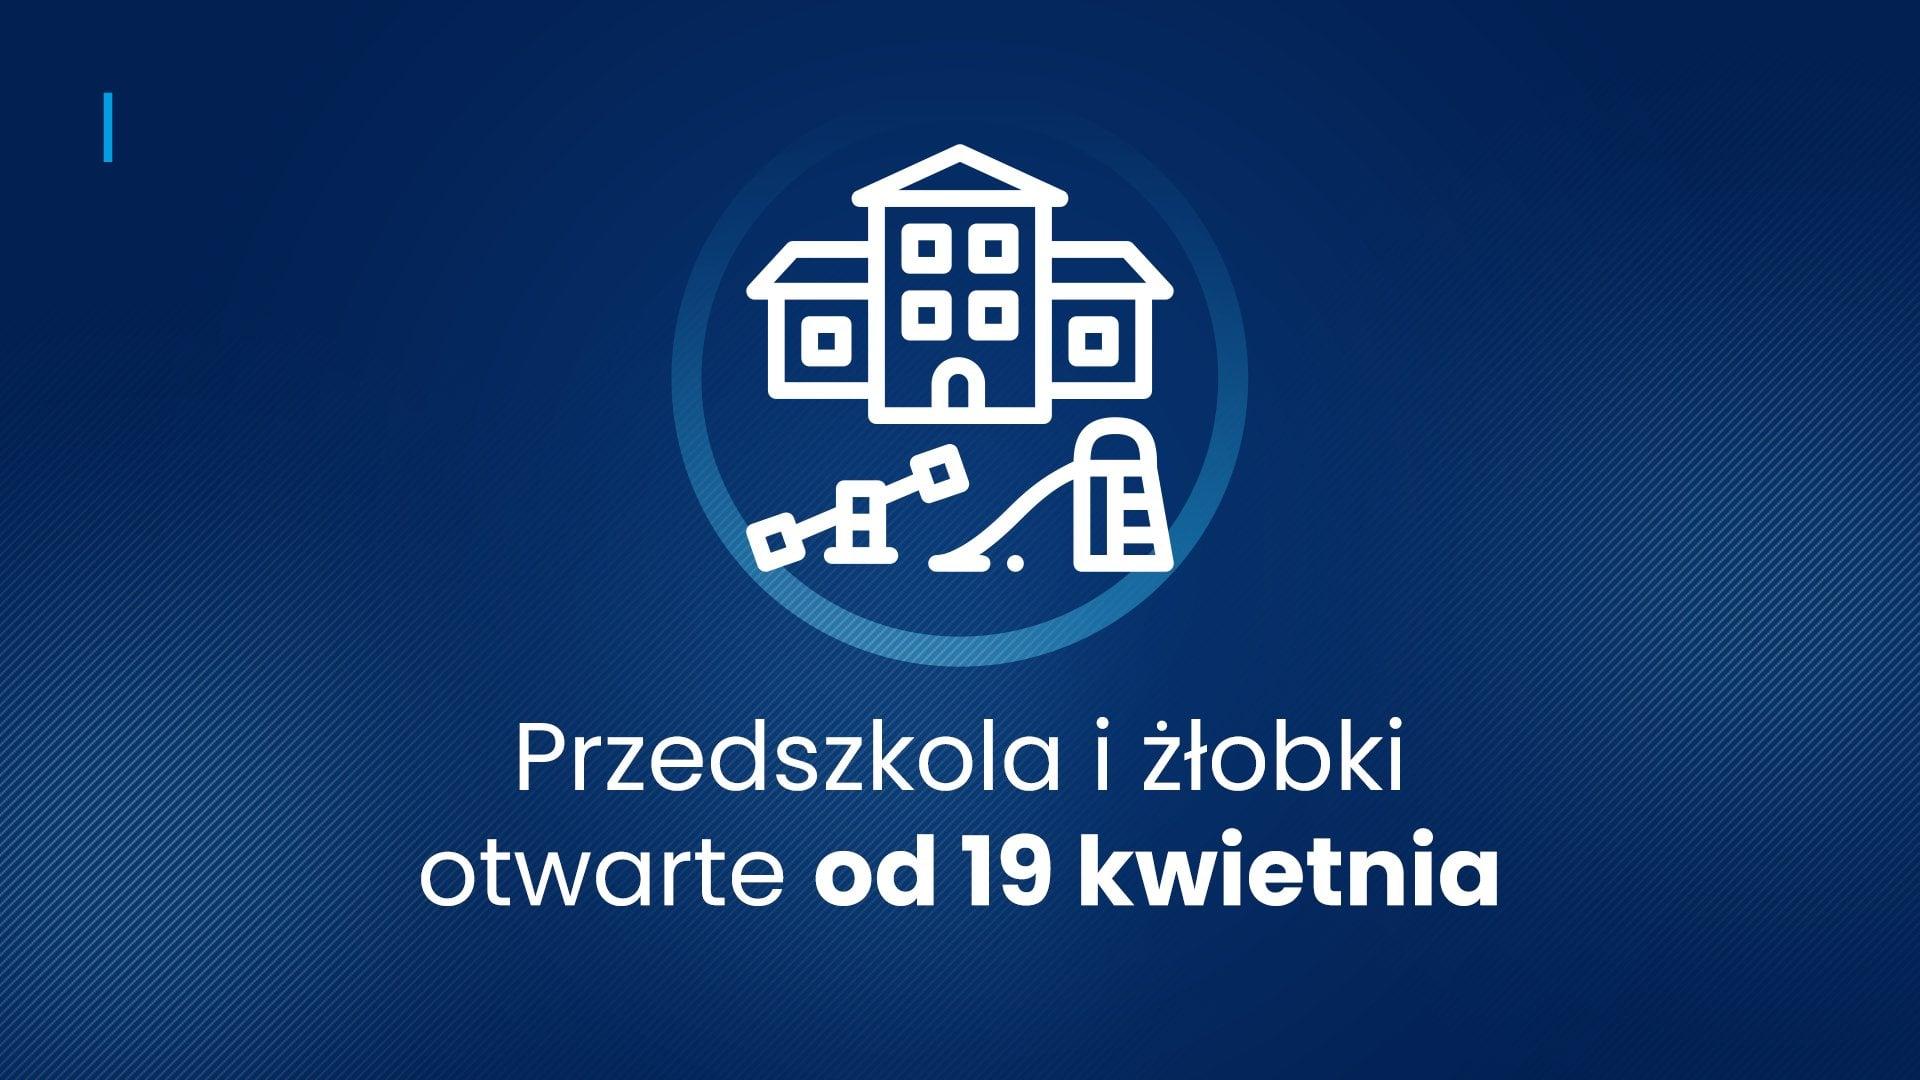 https://m.powiatszczycienski.pl/2021/04/orig/174164112-4167617703294309-2927609109086625448-n-39626.jpg